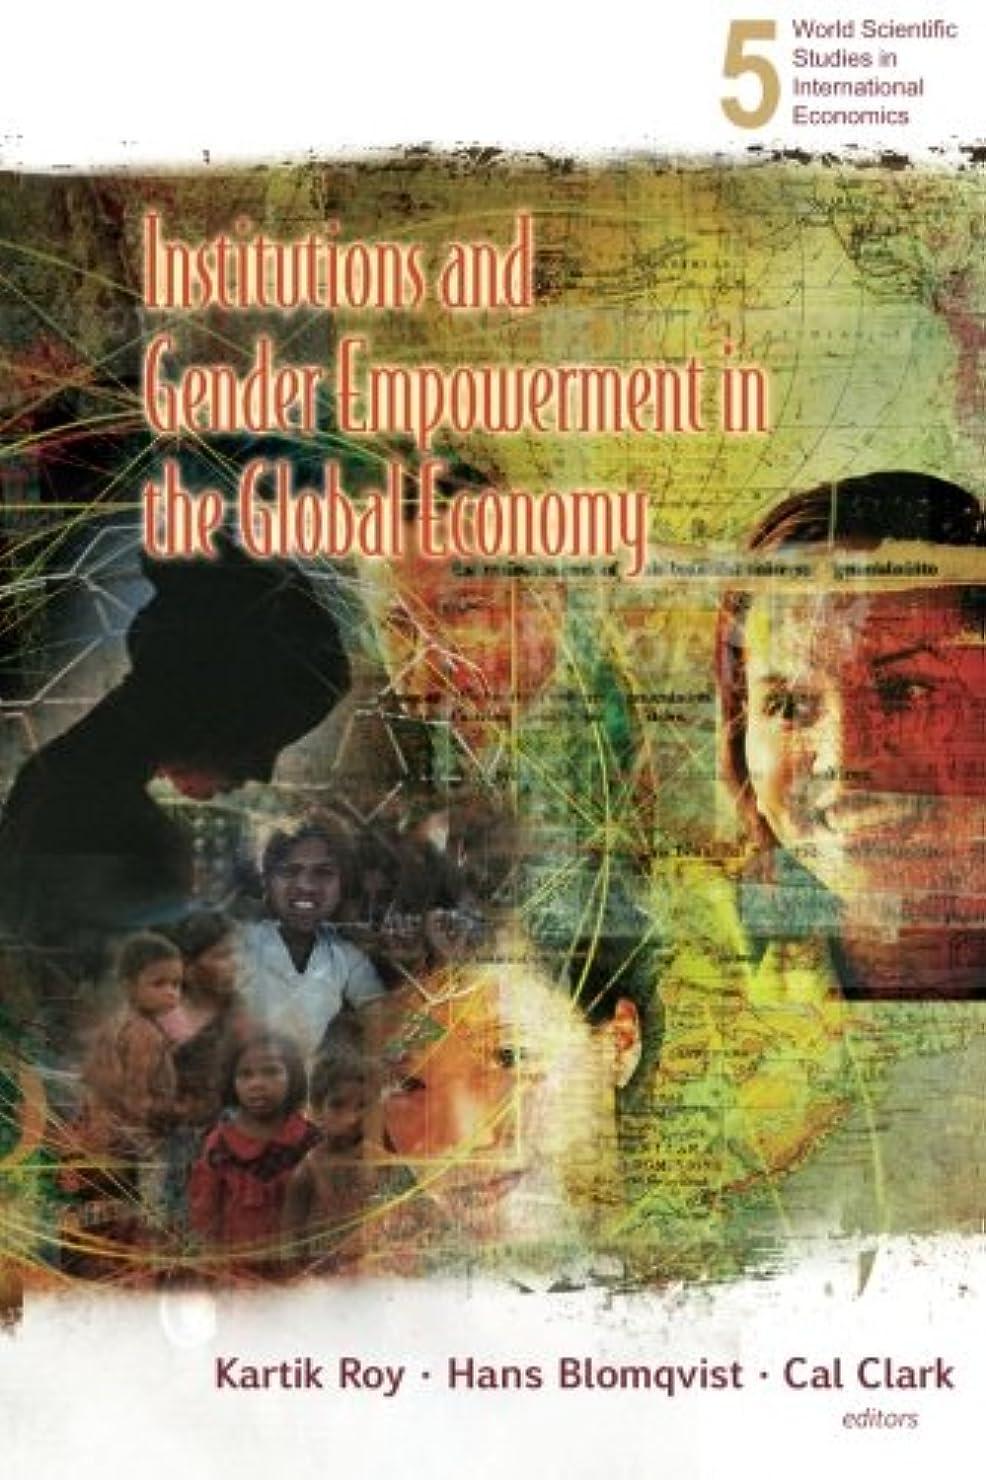 唯一戸惑う整理するInstitutions And Gender Empowerment In The Global Economy